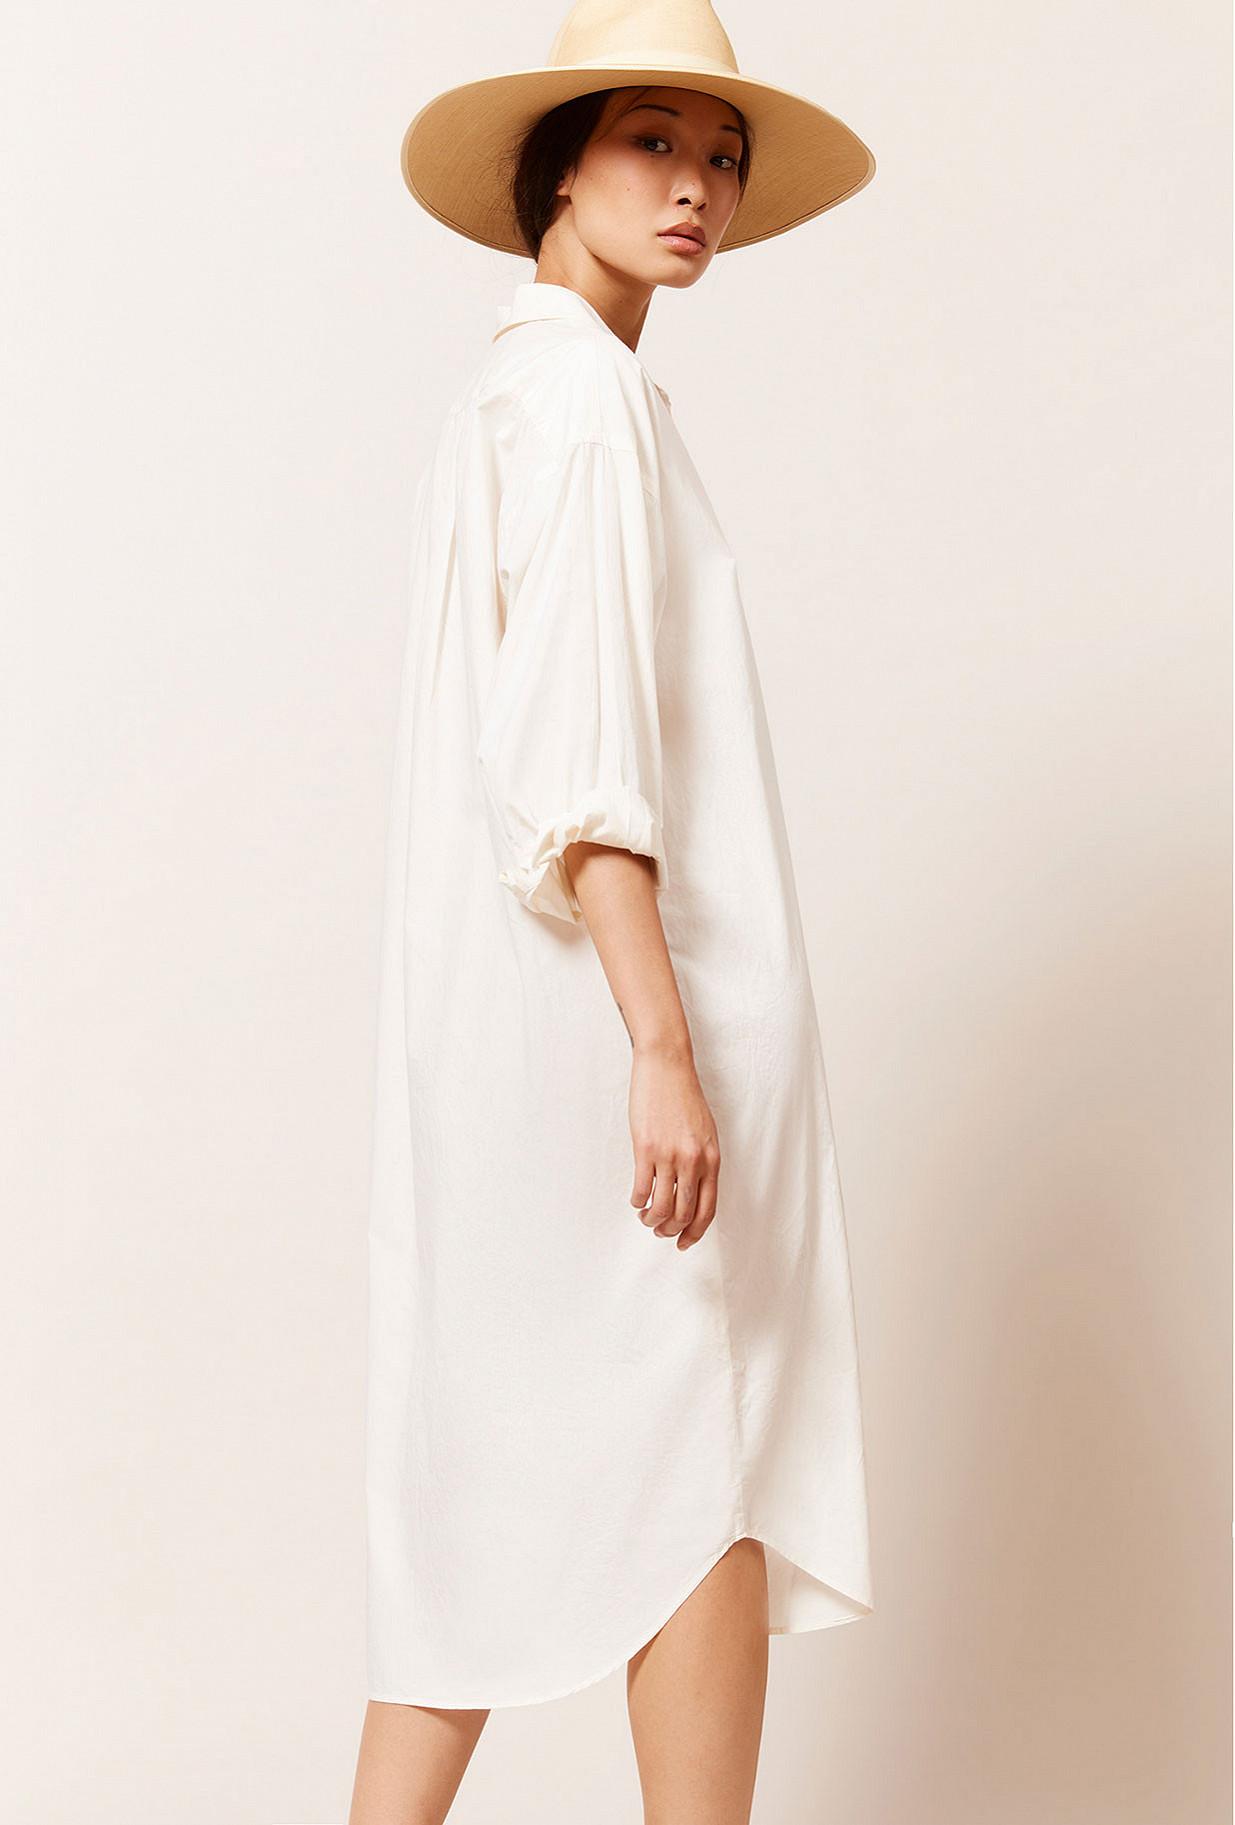 Shirt  Kamisette Mes demoiselles fashion clothes designer Paris